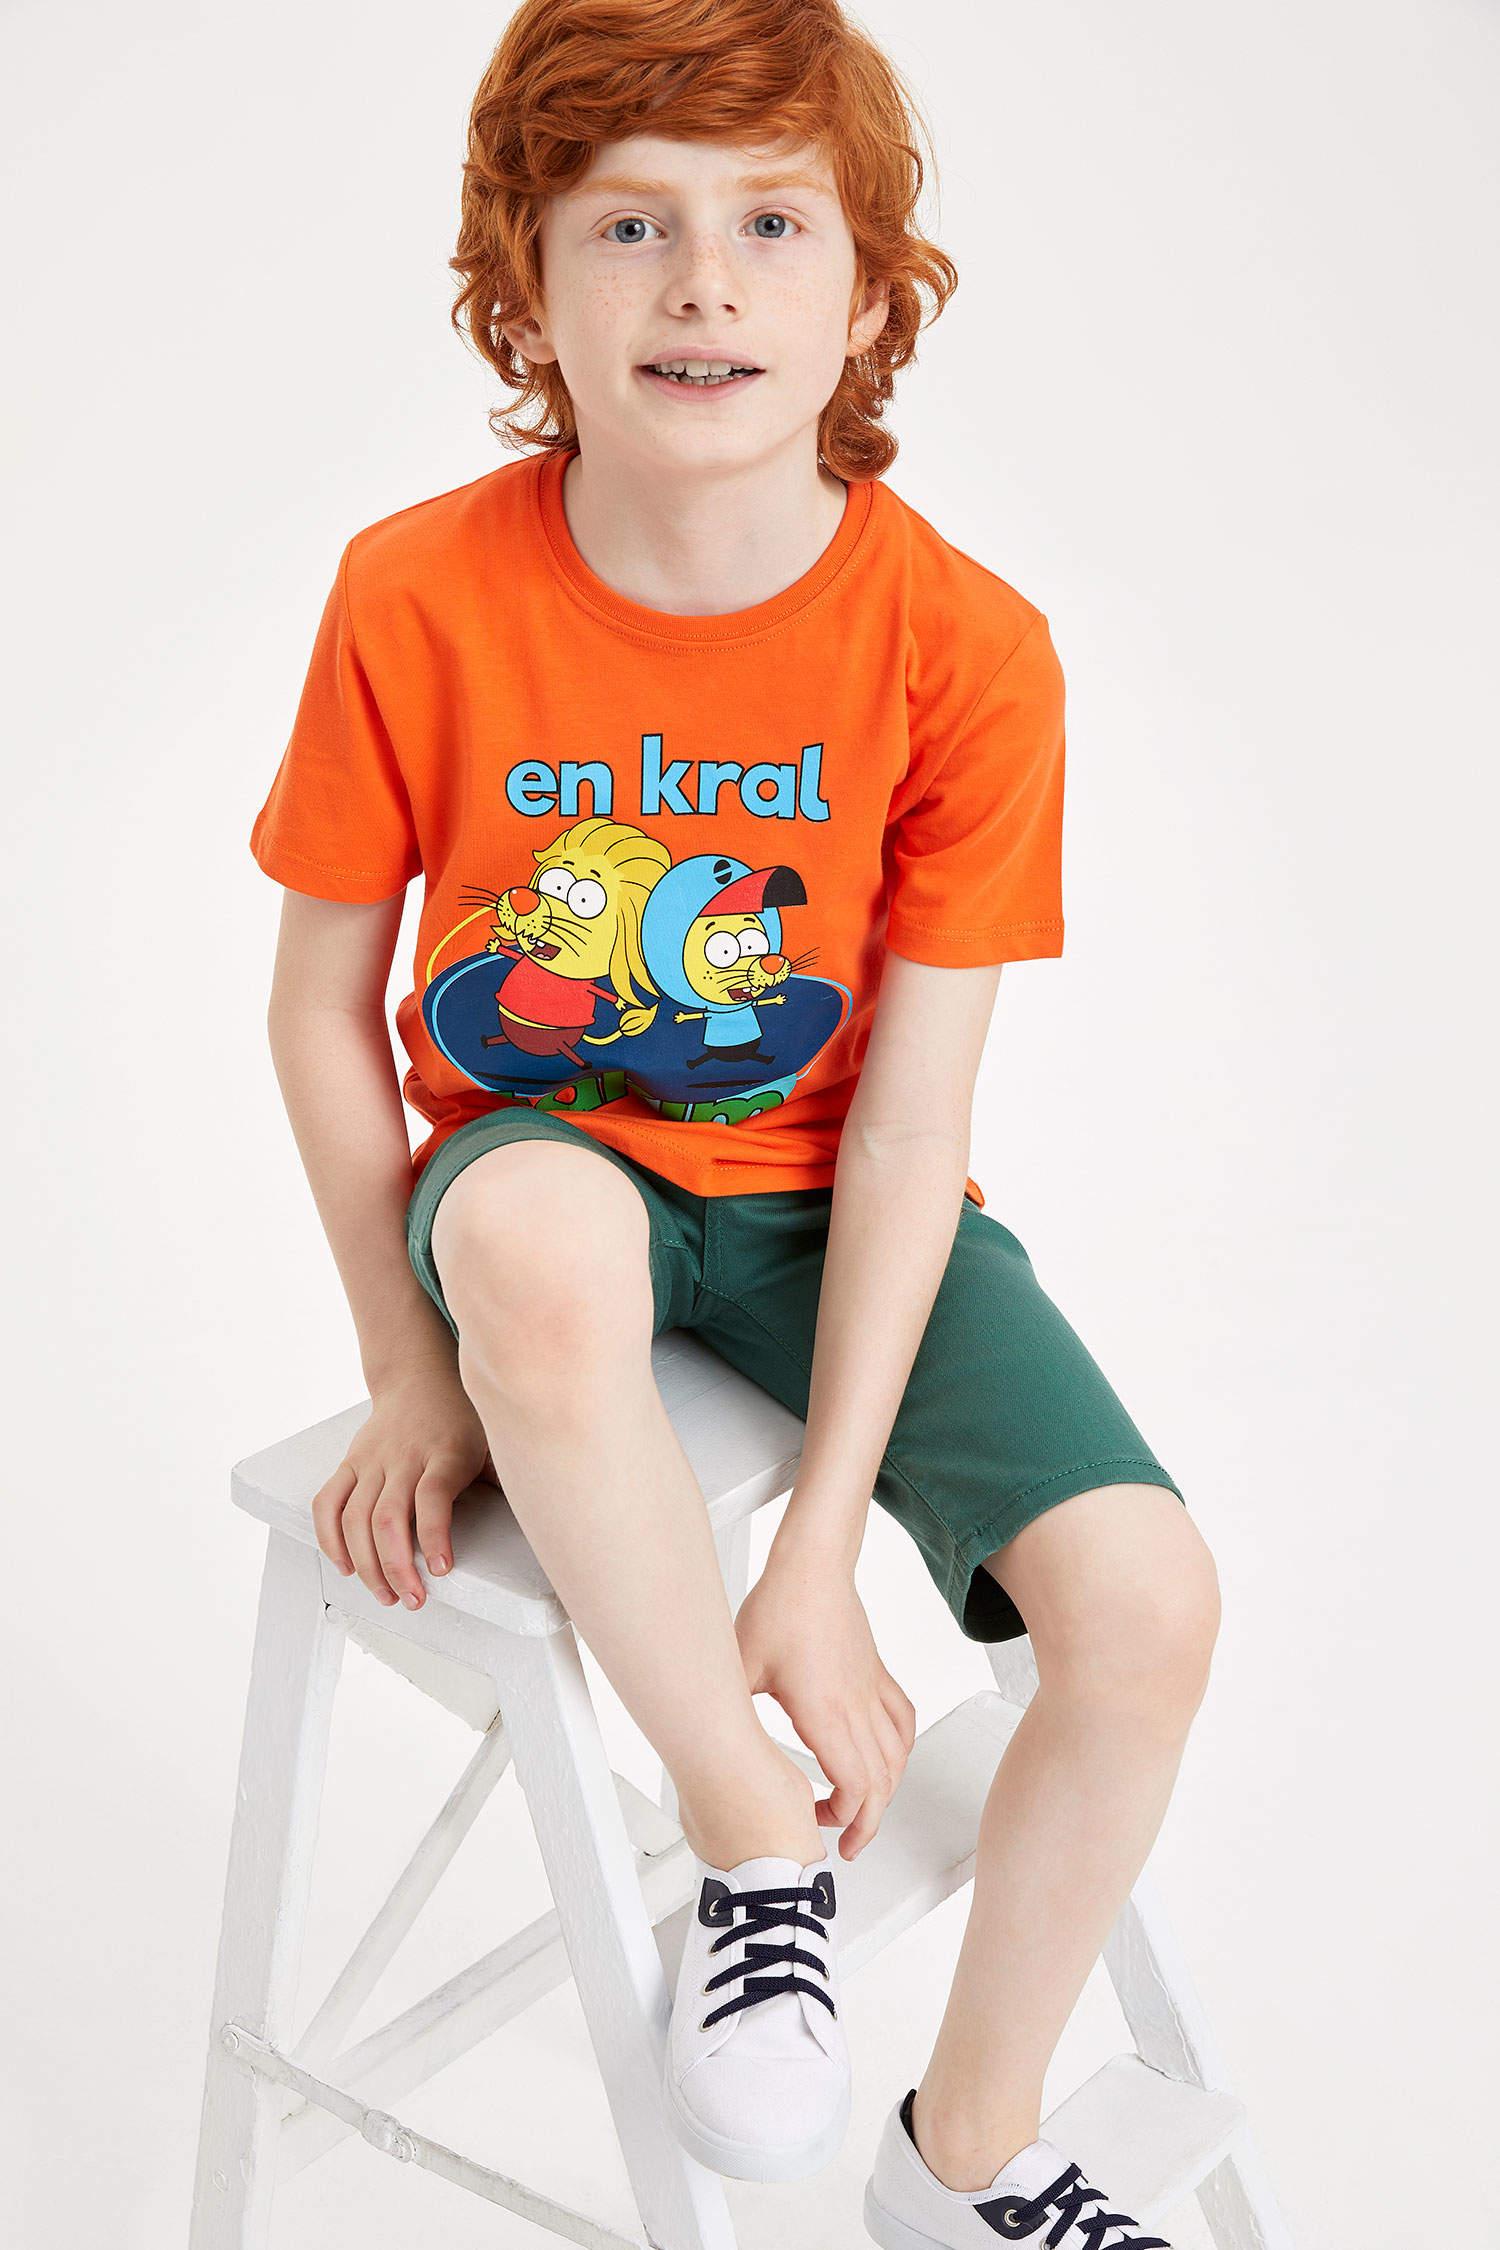 088b318f83824 ORANGE Erkek Çocuk - Genç Erkek Kral Şakir Lisanslı Erkek Çocuk T-Shirt  984366 | DeFacto